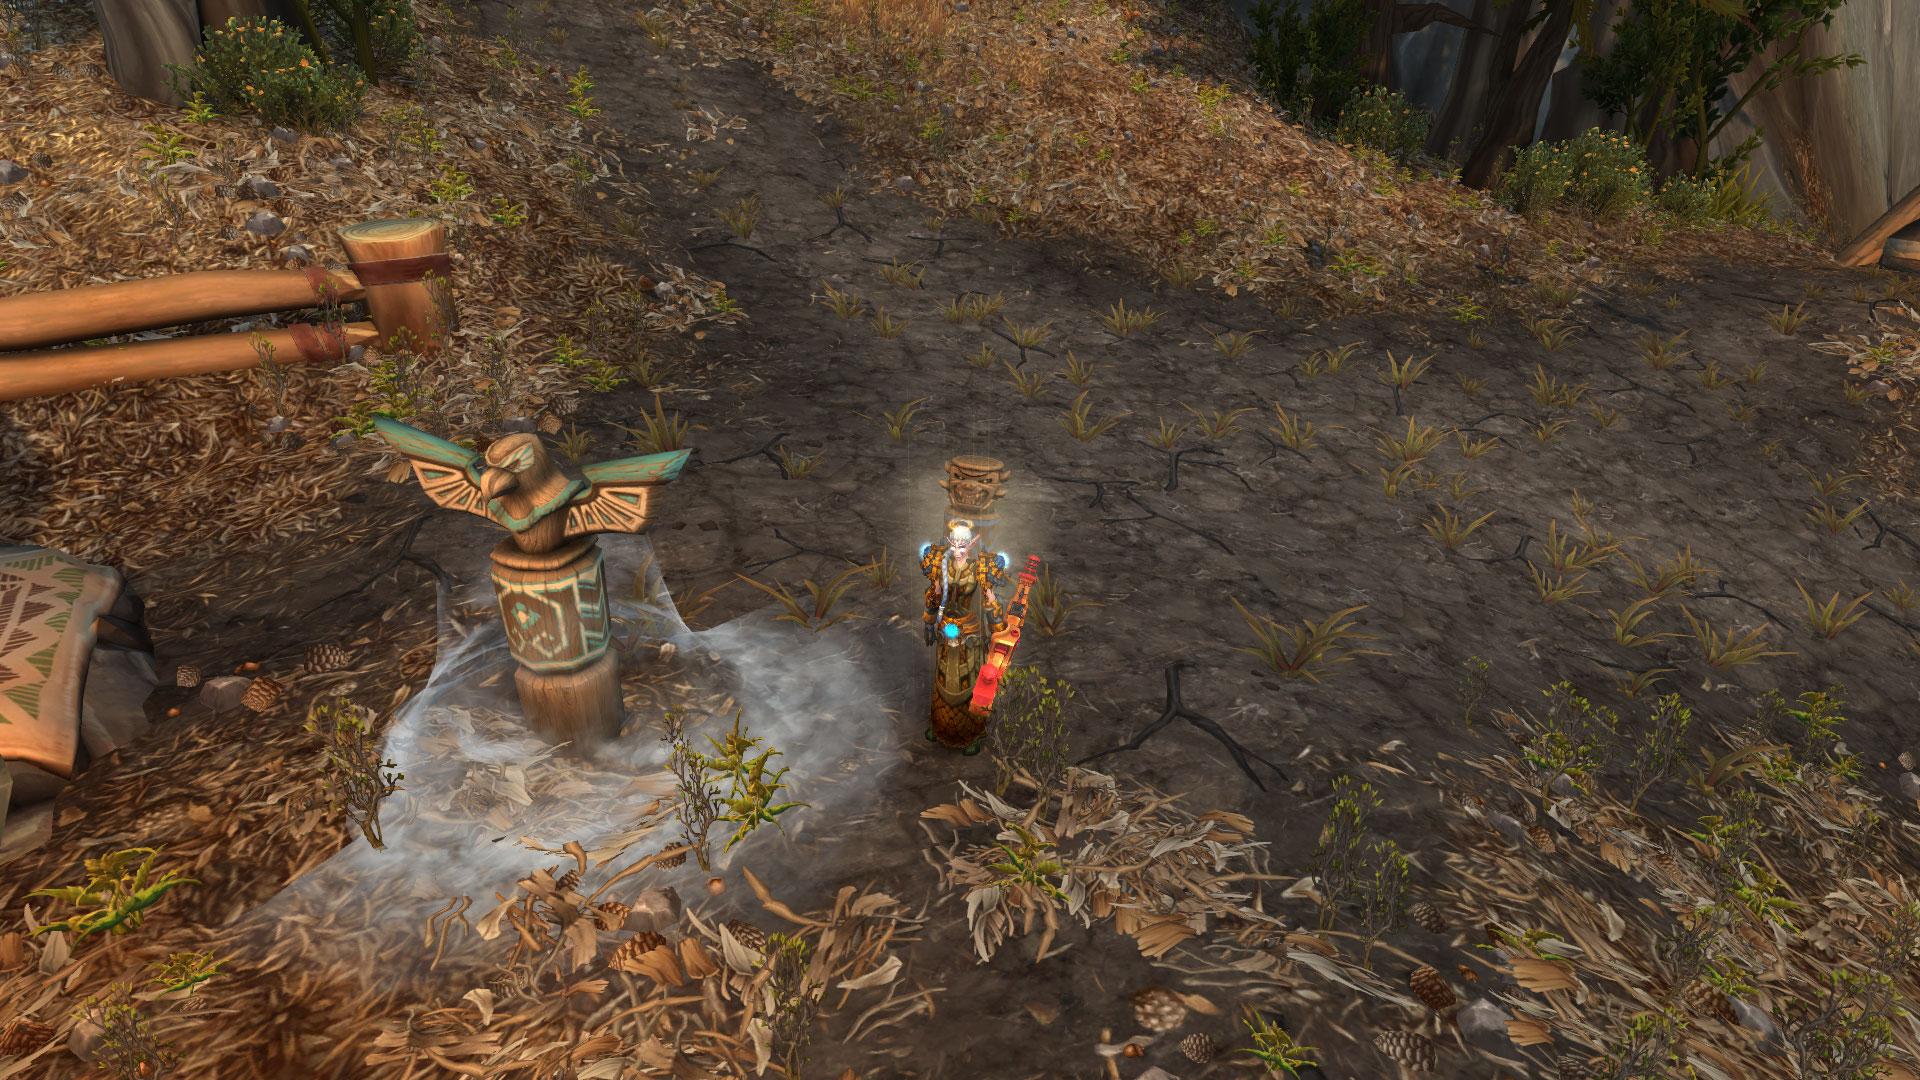 Apparence du Totem brise chute et d'un des totems vendus par le charlatan